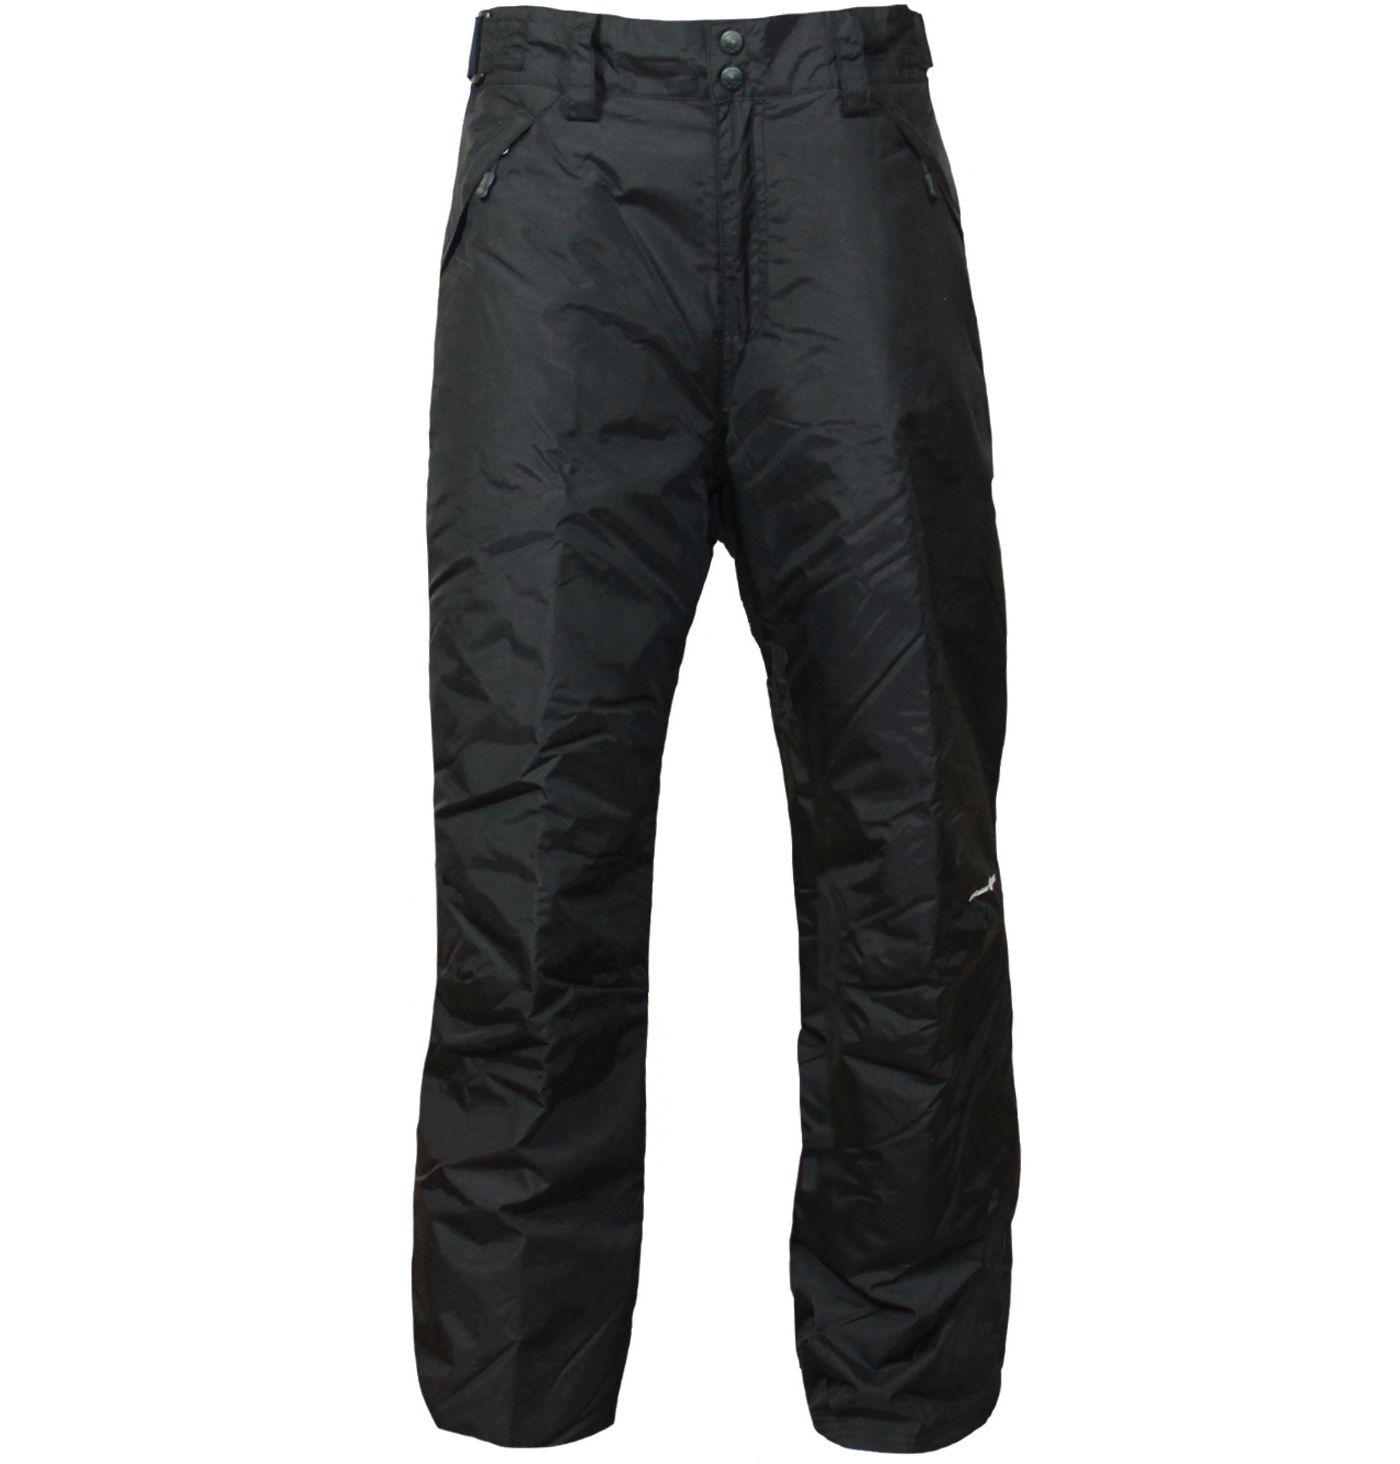 Outdoor Gear Women's Crest Shell Pants